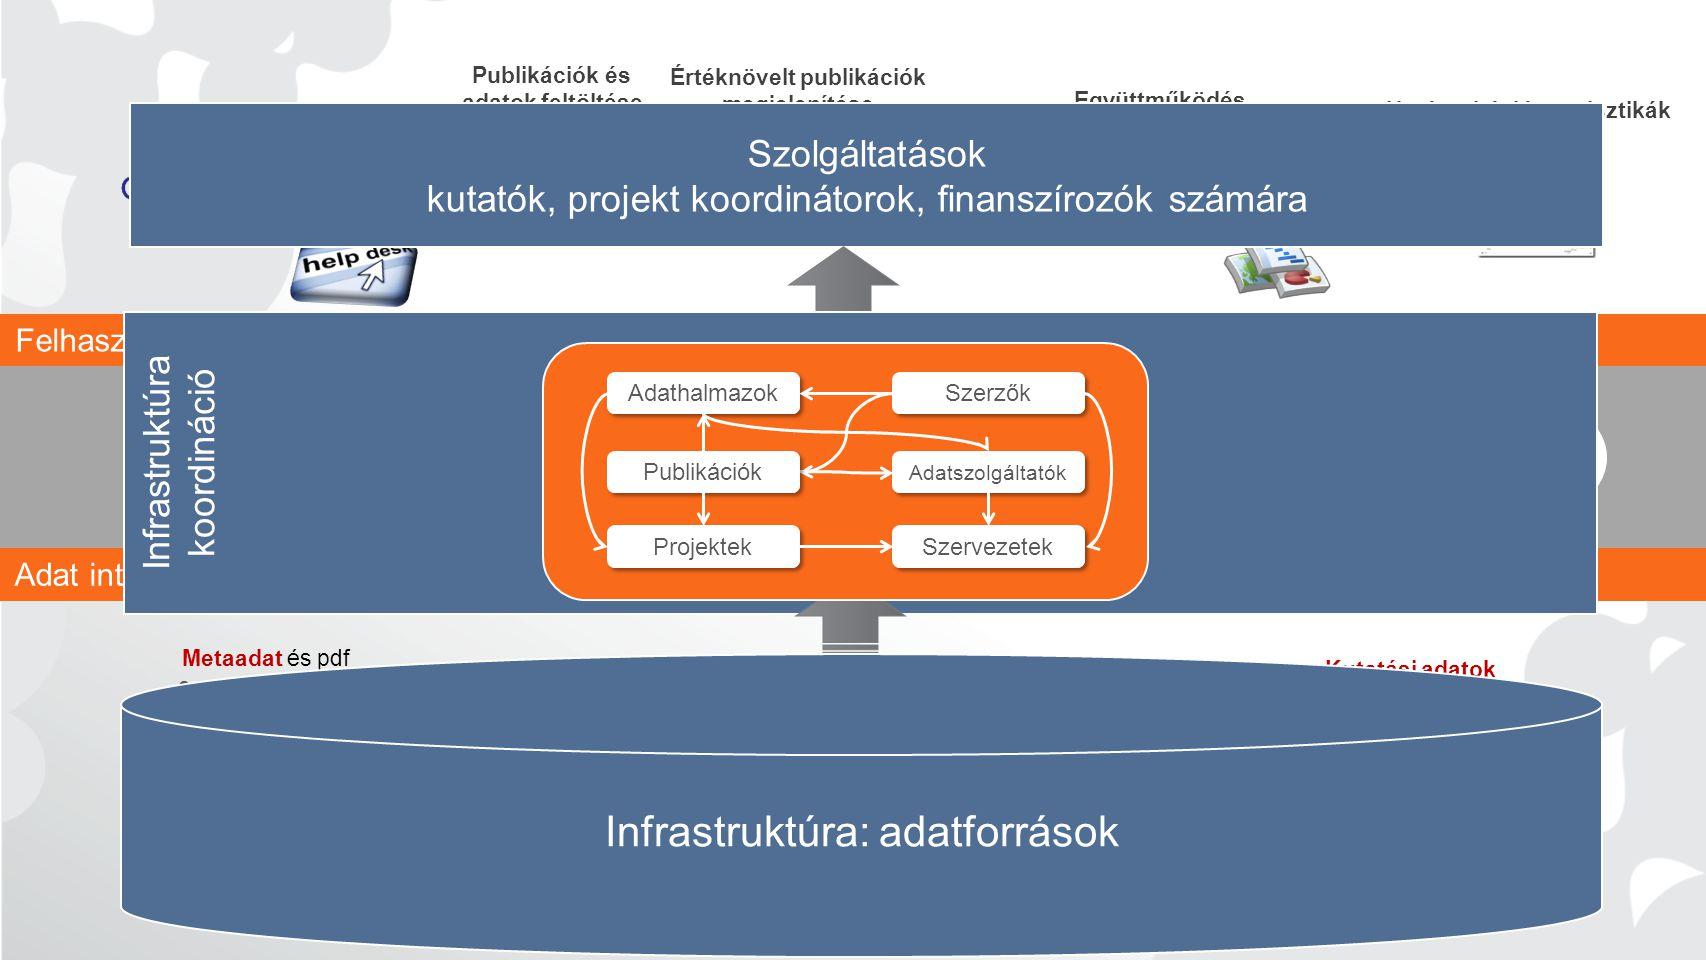 Infrastruktúra: adatforrások